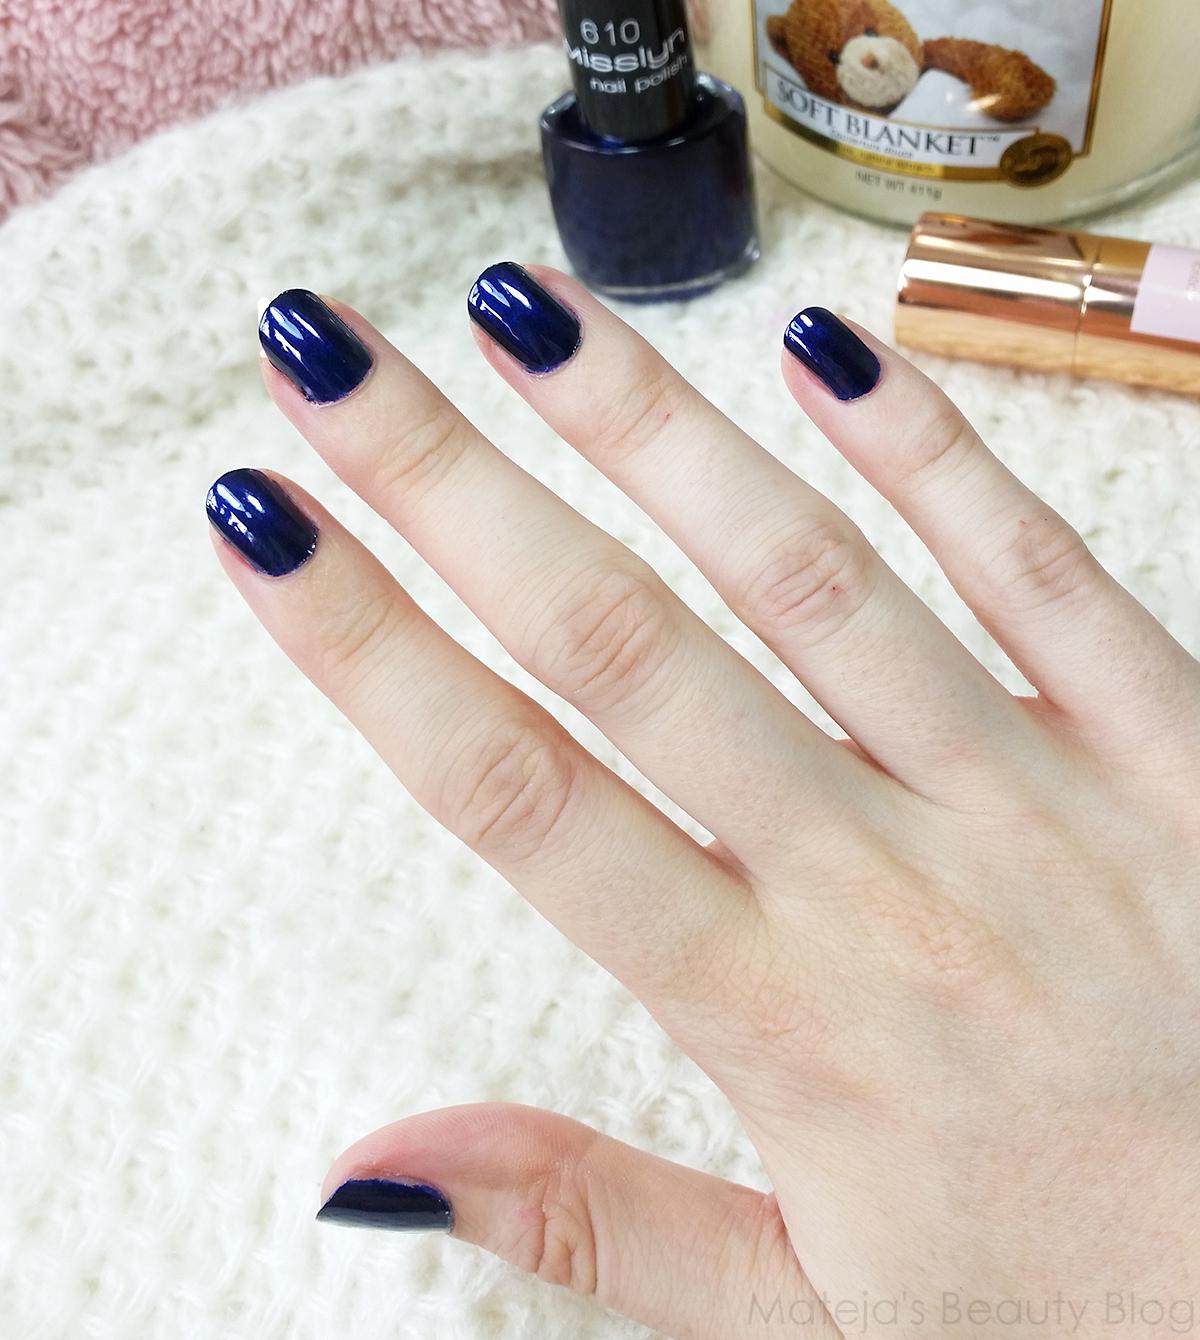 Misslyn Nail Polish 610 Night Club - Mateja\'s Beauty Blog